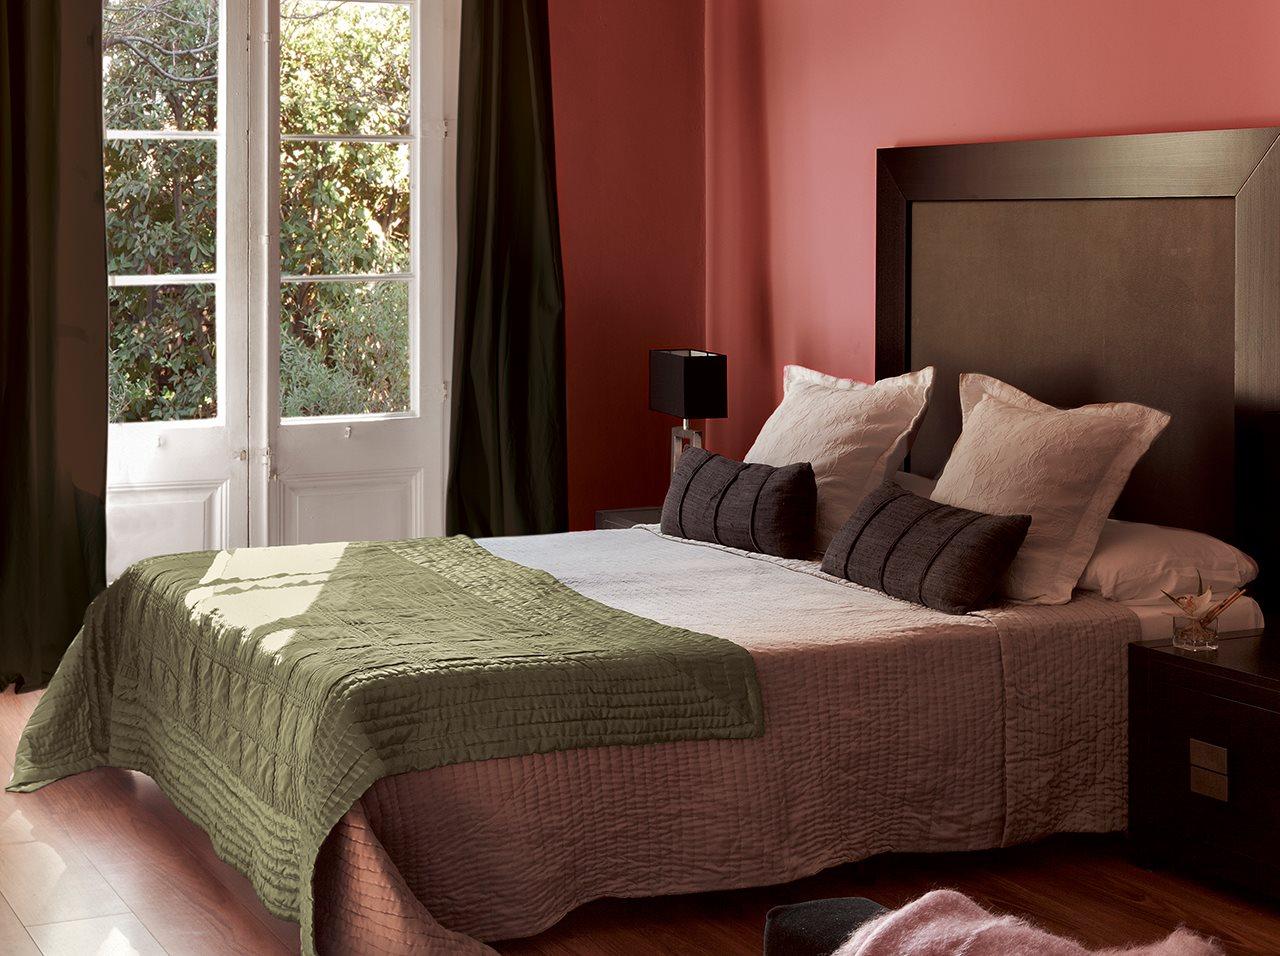 Un dormitorio con cinco estilos diferentes. ¿Cuál te gusta más?